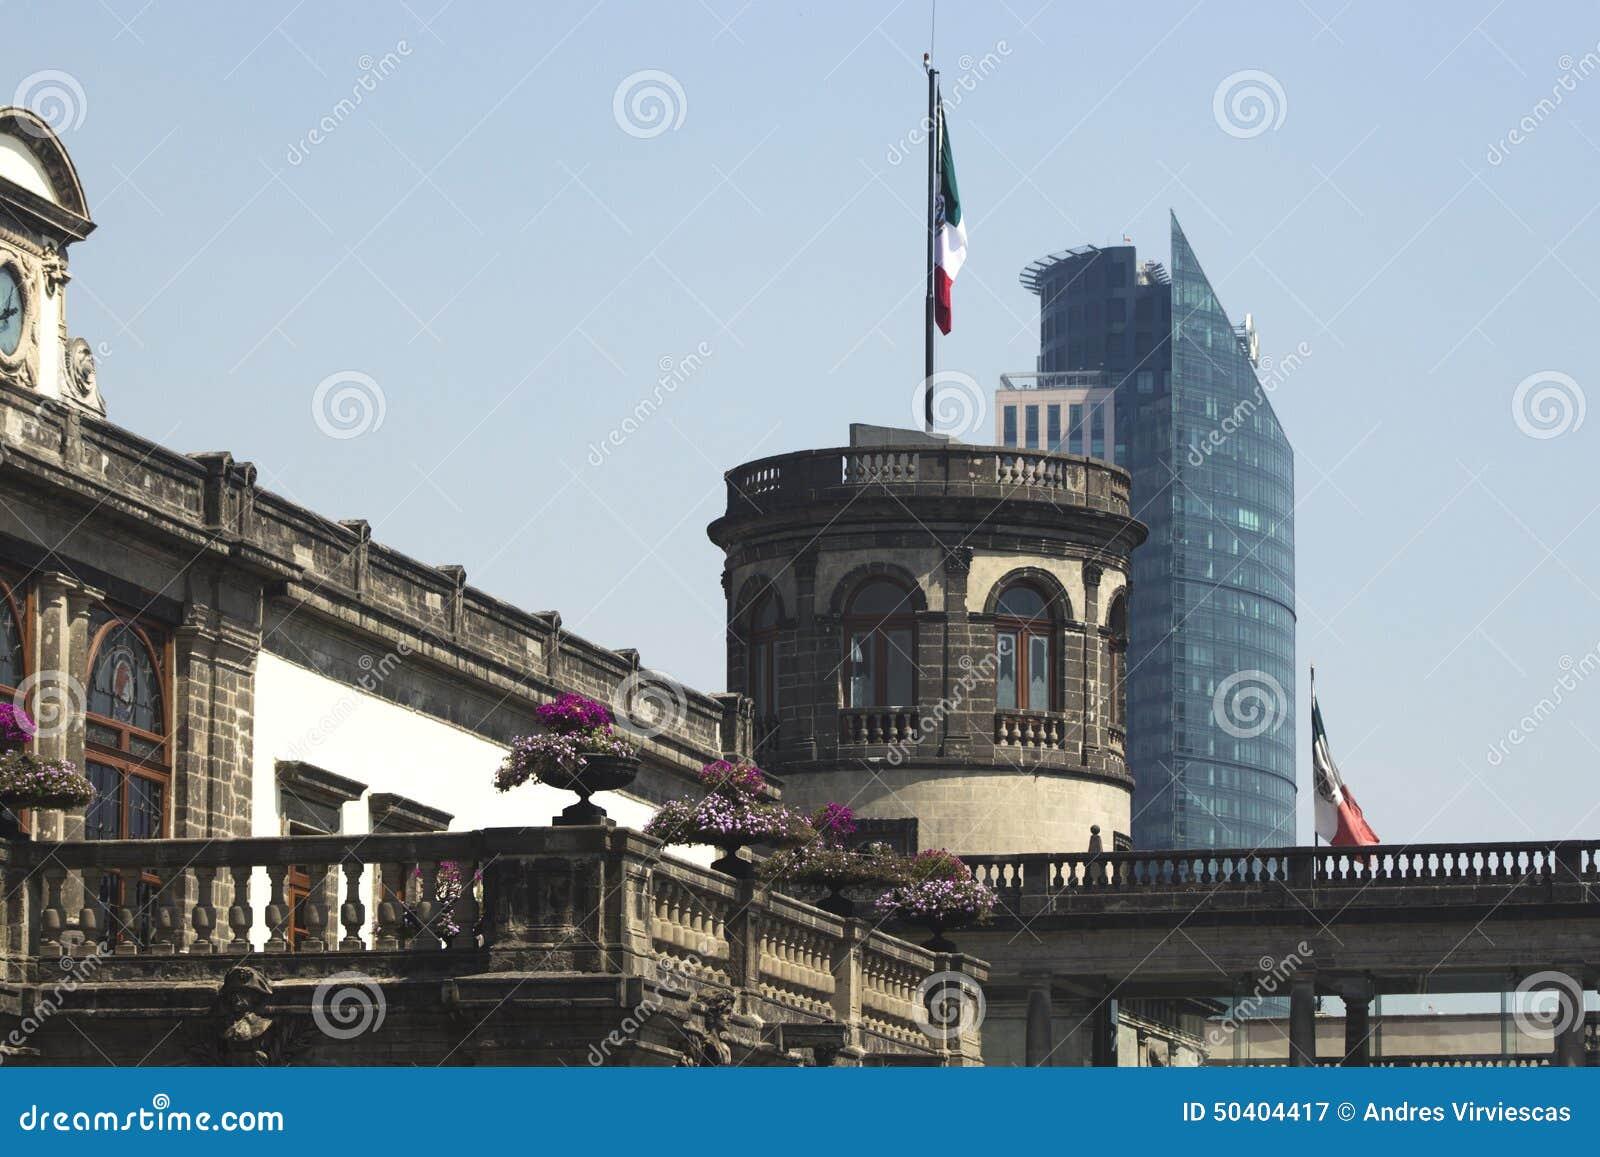 Meksyk architektury kontrast